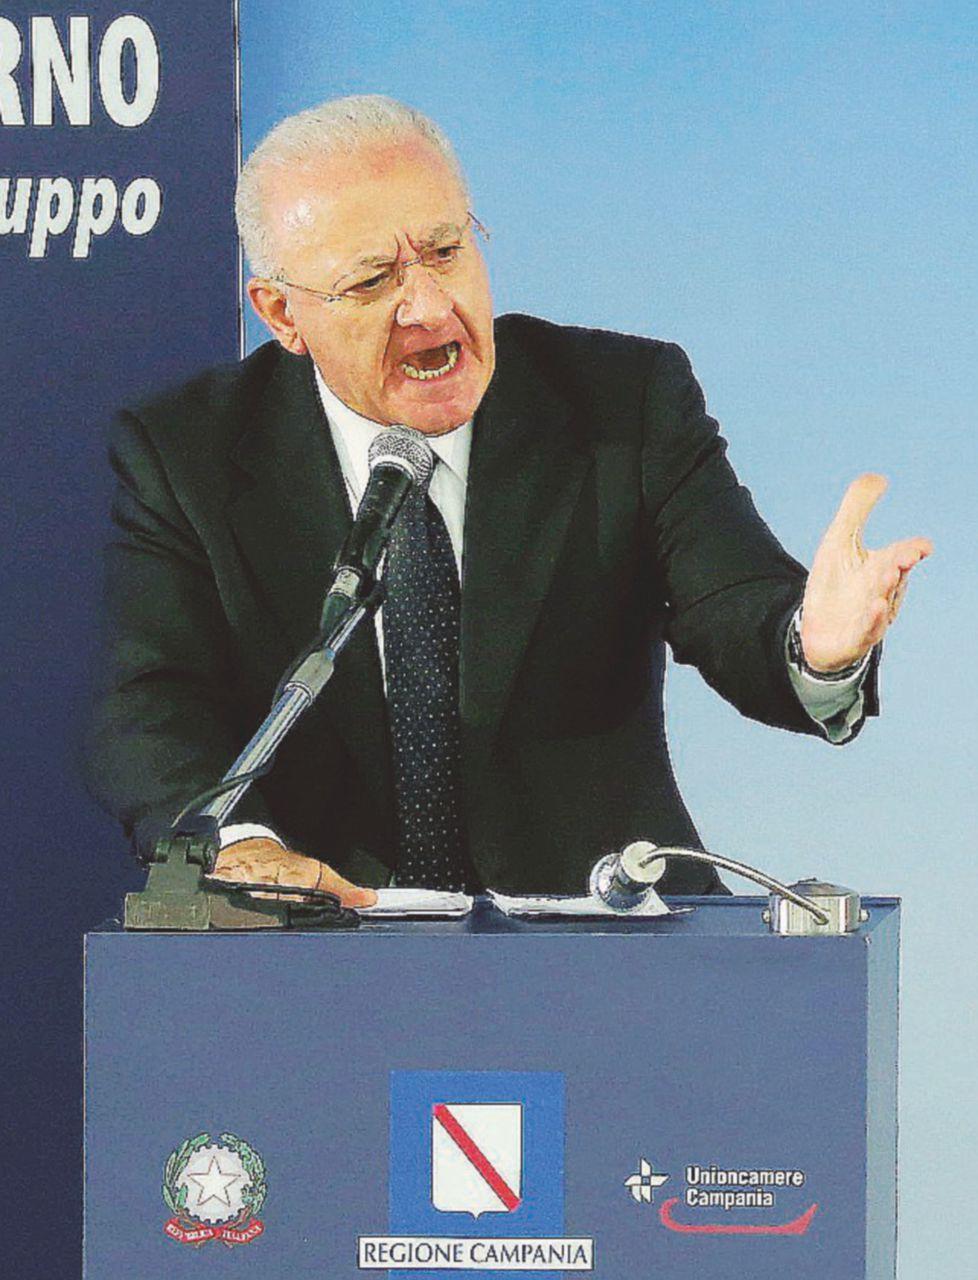 Istituto case popolari, De Luca sotto inchiesta